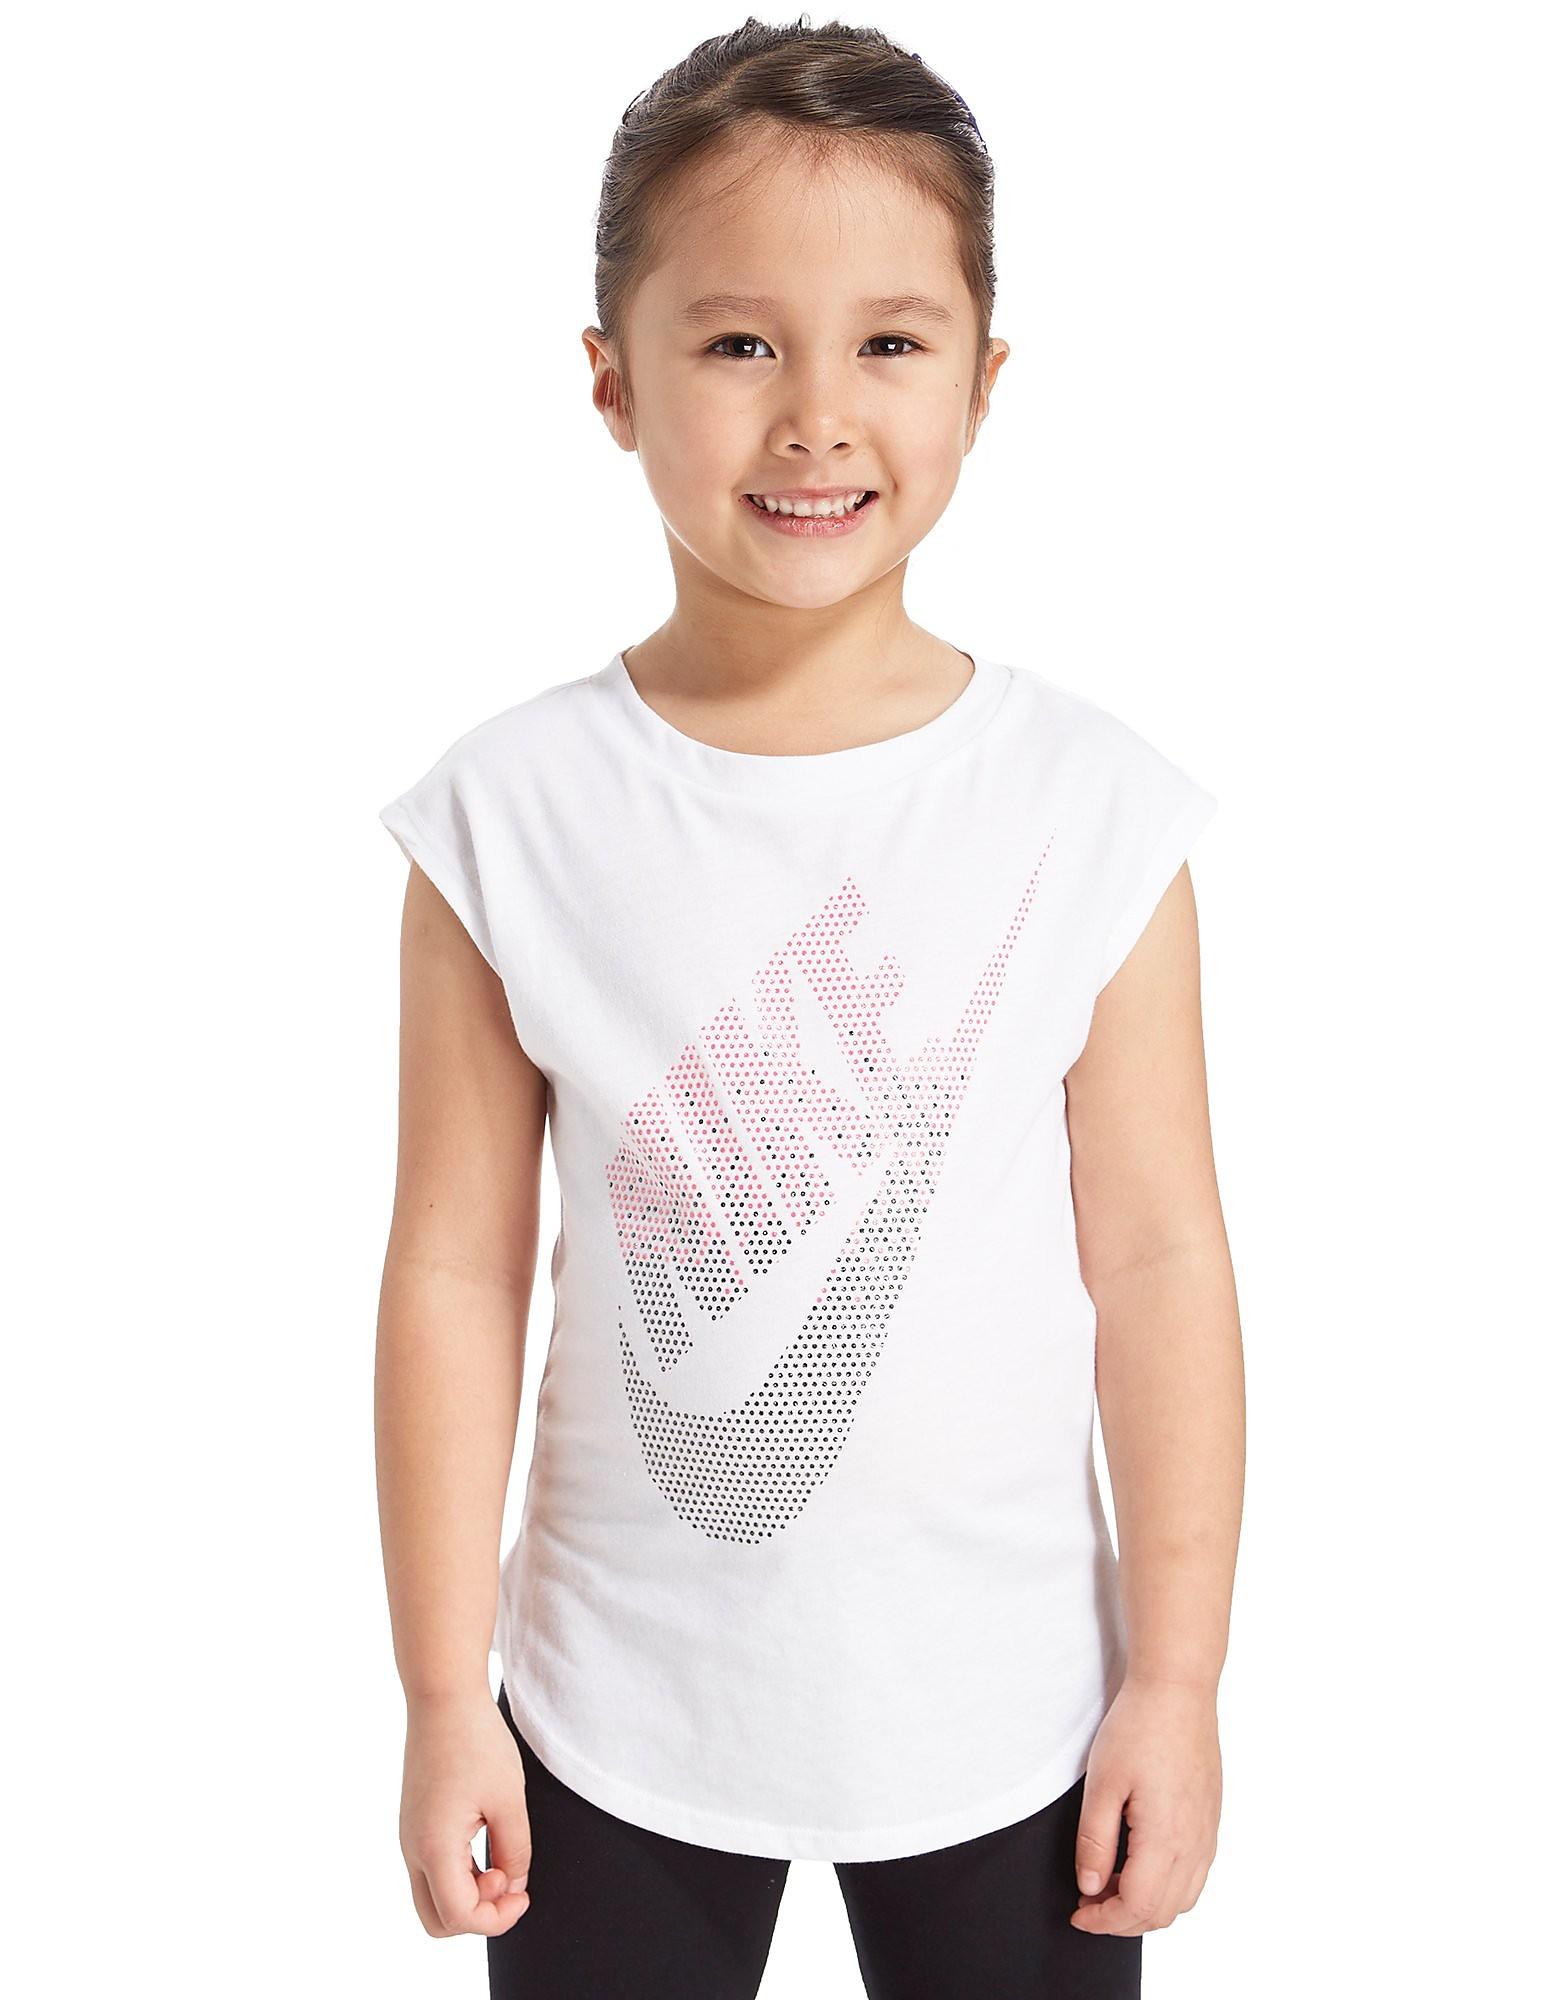 Nike Girls' Futura T-Shirt Children